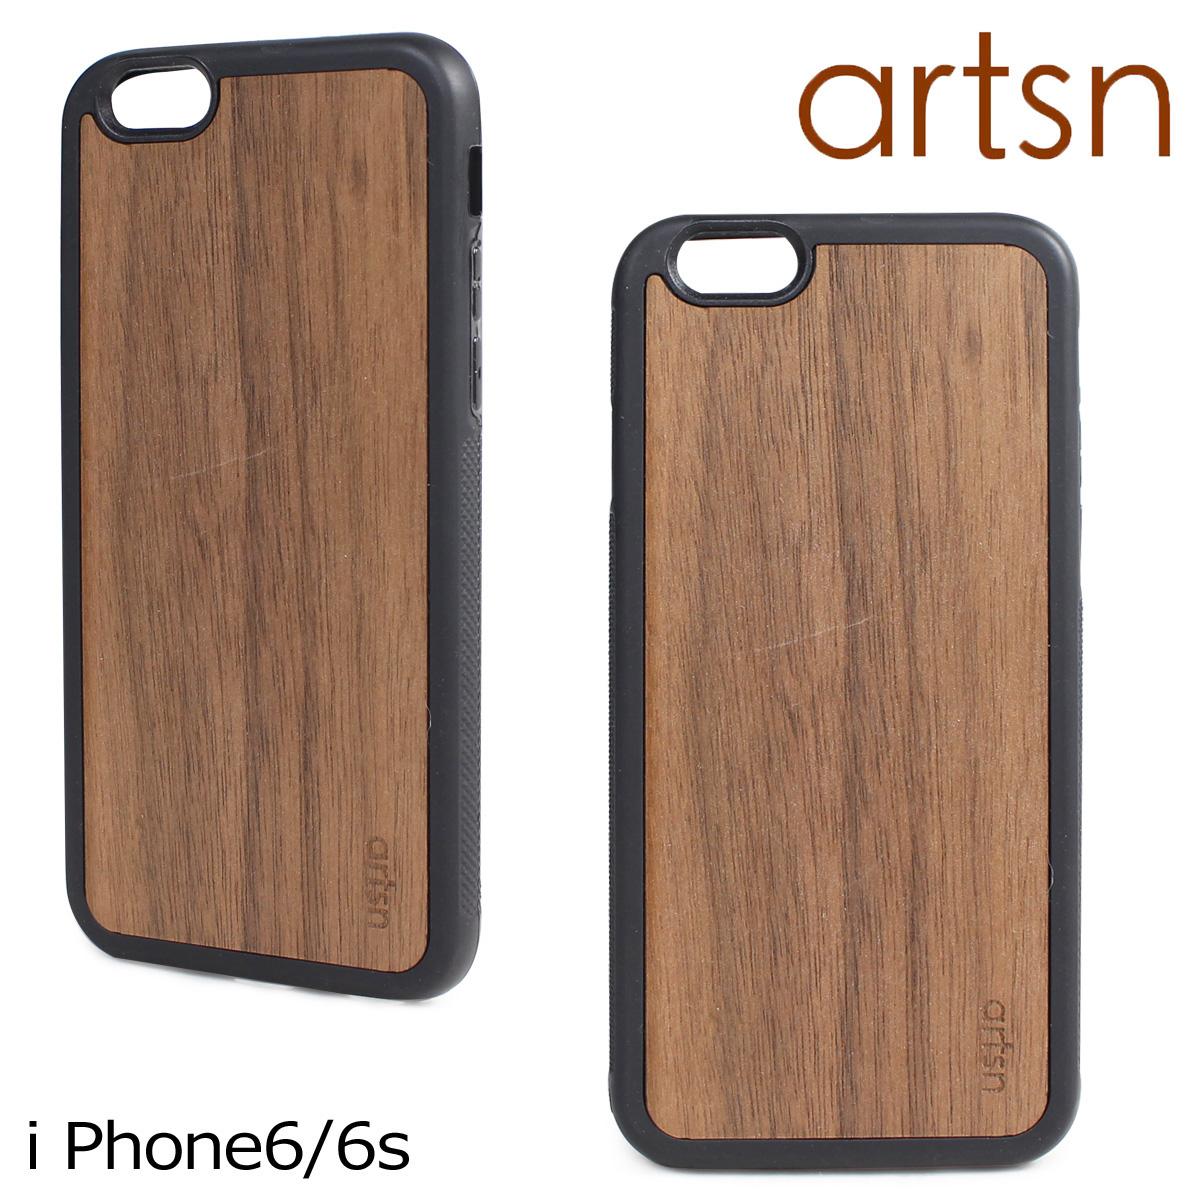 ARTSN アーツン iPhone 6 6s ケース スマホ 携帯 アイフォン 木目 ウッド メンズ レディース